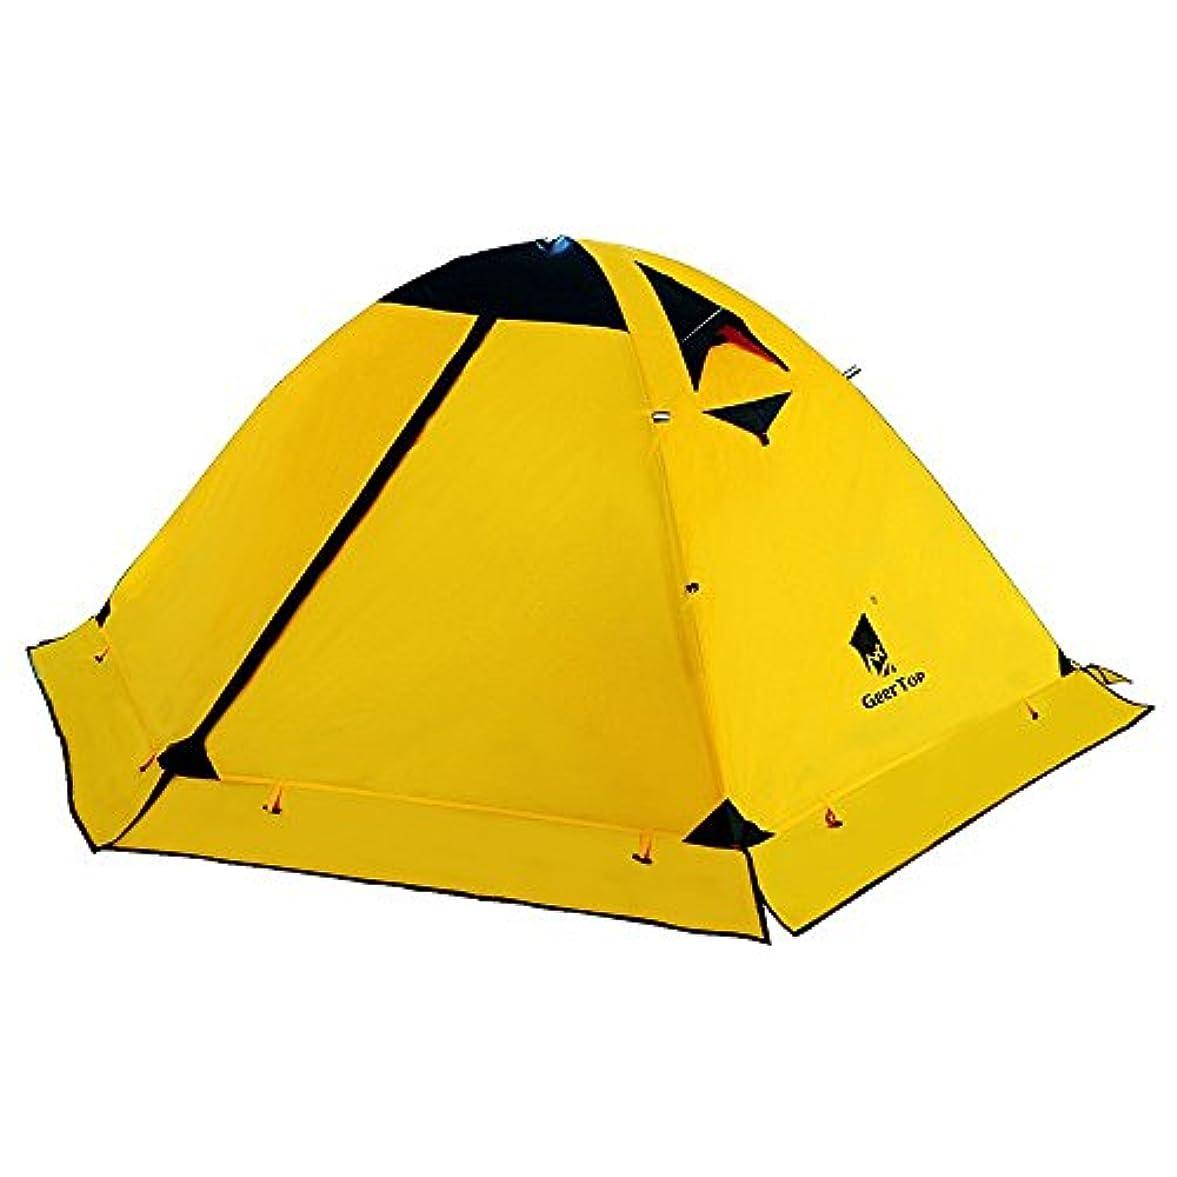 羨望そんなに引き算GEERTOP テント 2人用 スカート付き 4シーズンに適用 二重層構造 PU5000MM 軽量 キャンプ バイク アウトドア 登山用 簡単設営 140cm x 210cm 【ファスナー進化版】